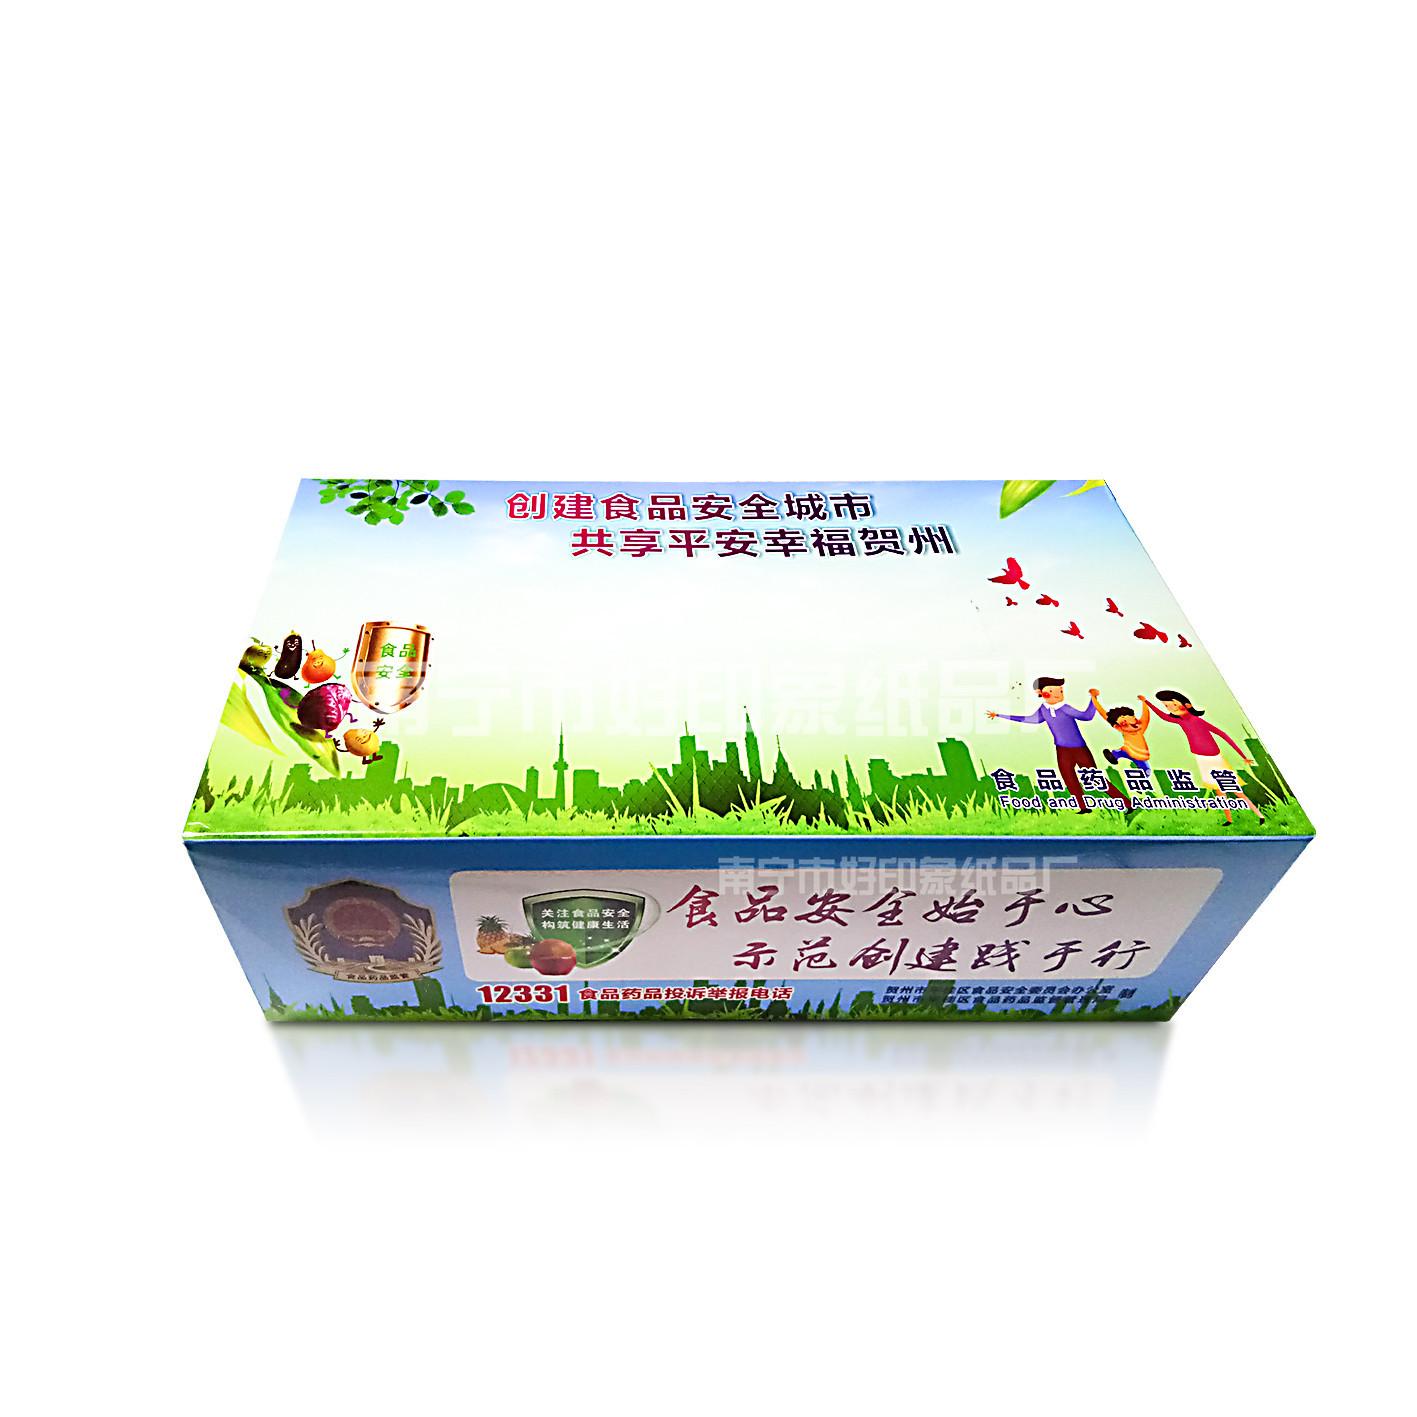 贺州抽纸_广告盒抽纸定制_广西盒装抽纸厂家_好印象纸品厂